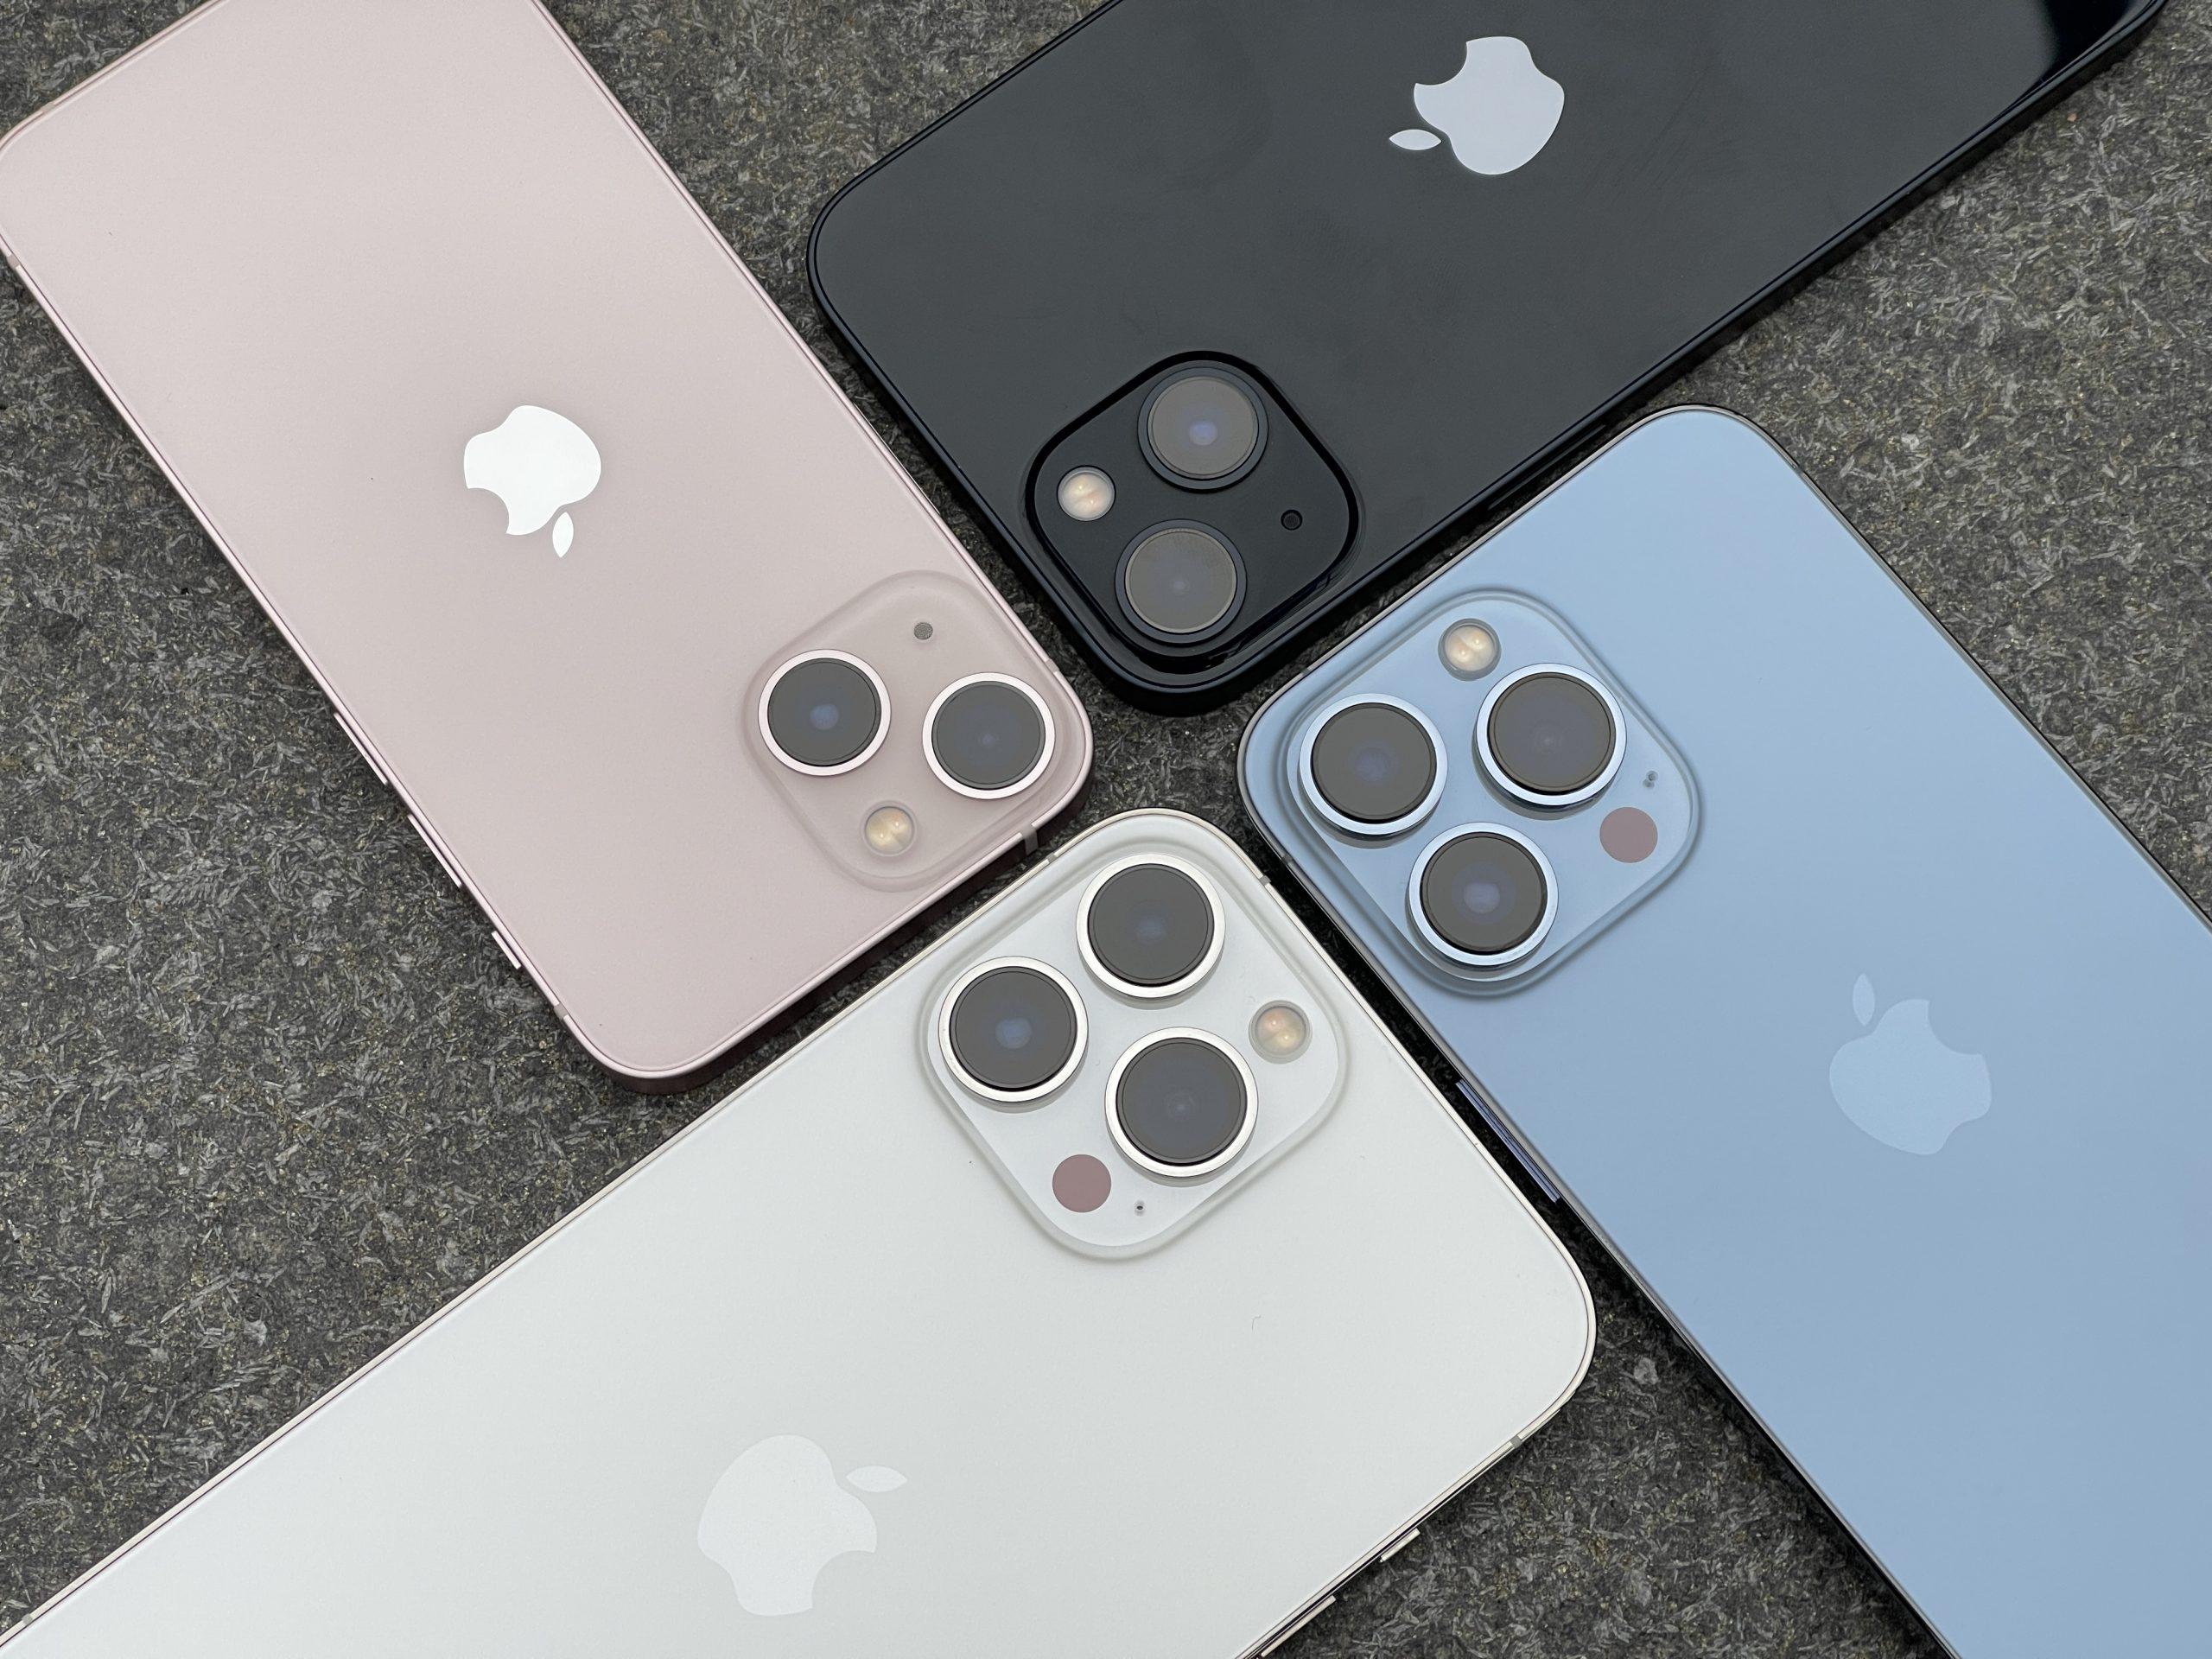 Pinkki iPhone 13 mini, keskiyö iPhone 13, poutapäivänsininen iPhone 13 Pro ja hopea iPhone 13 Pro Max.